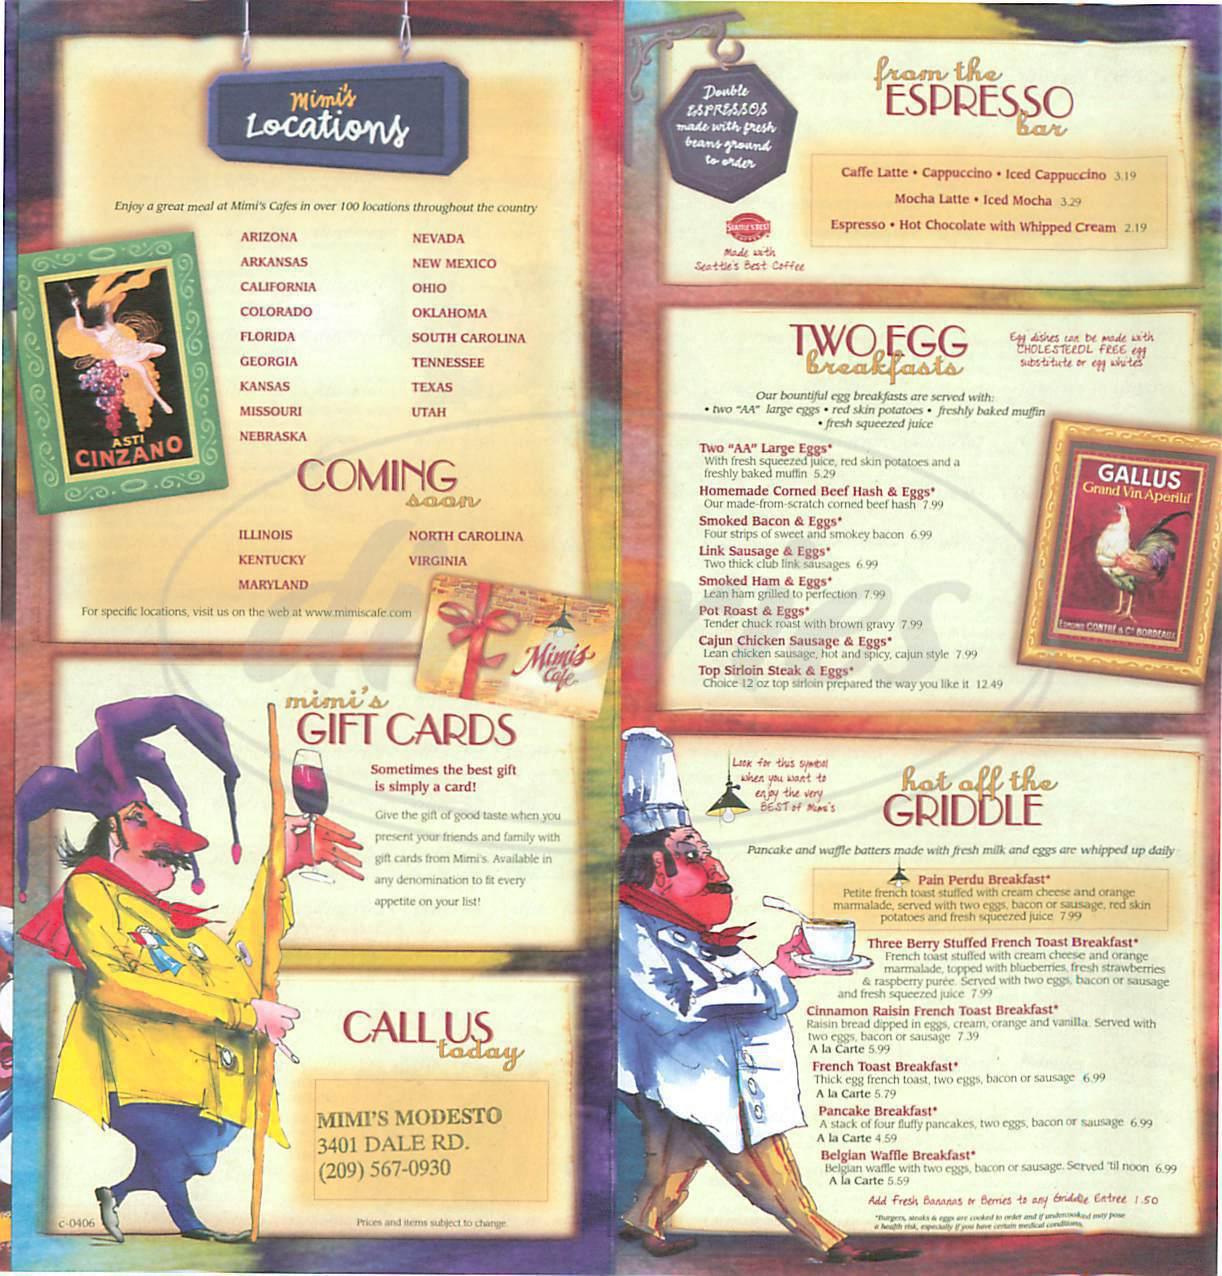 menu for Mimi's Café